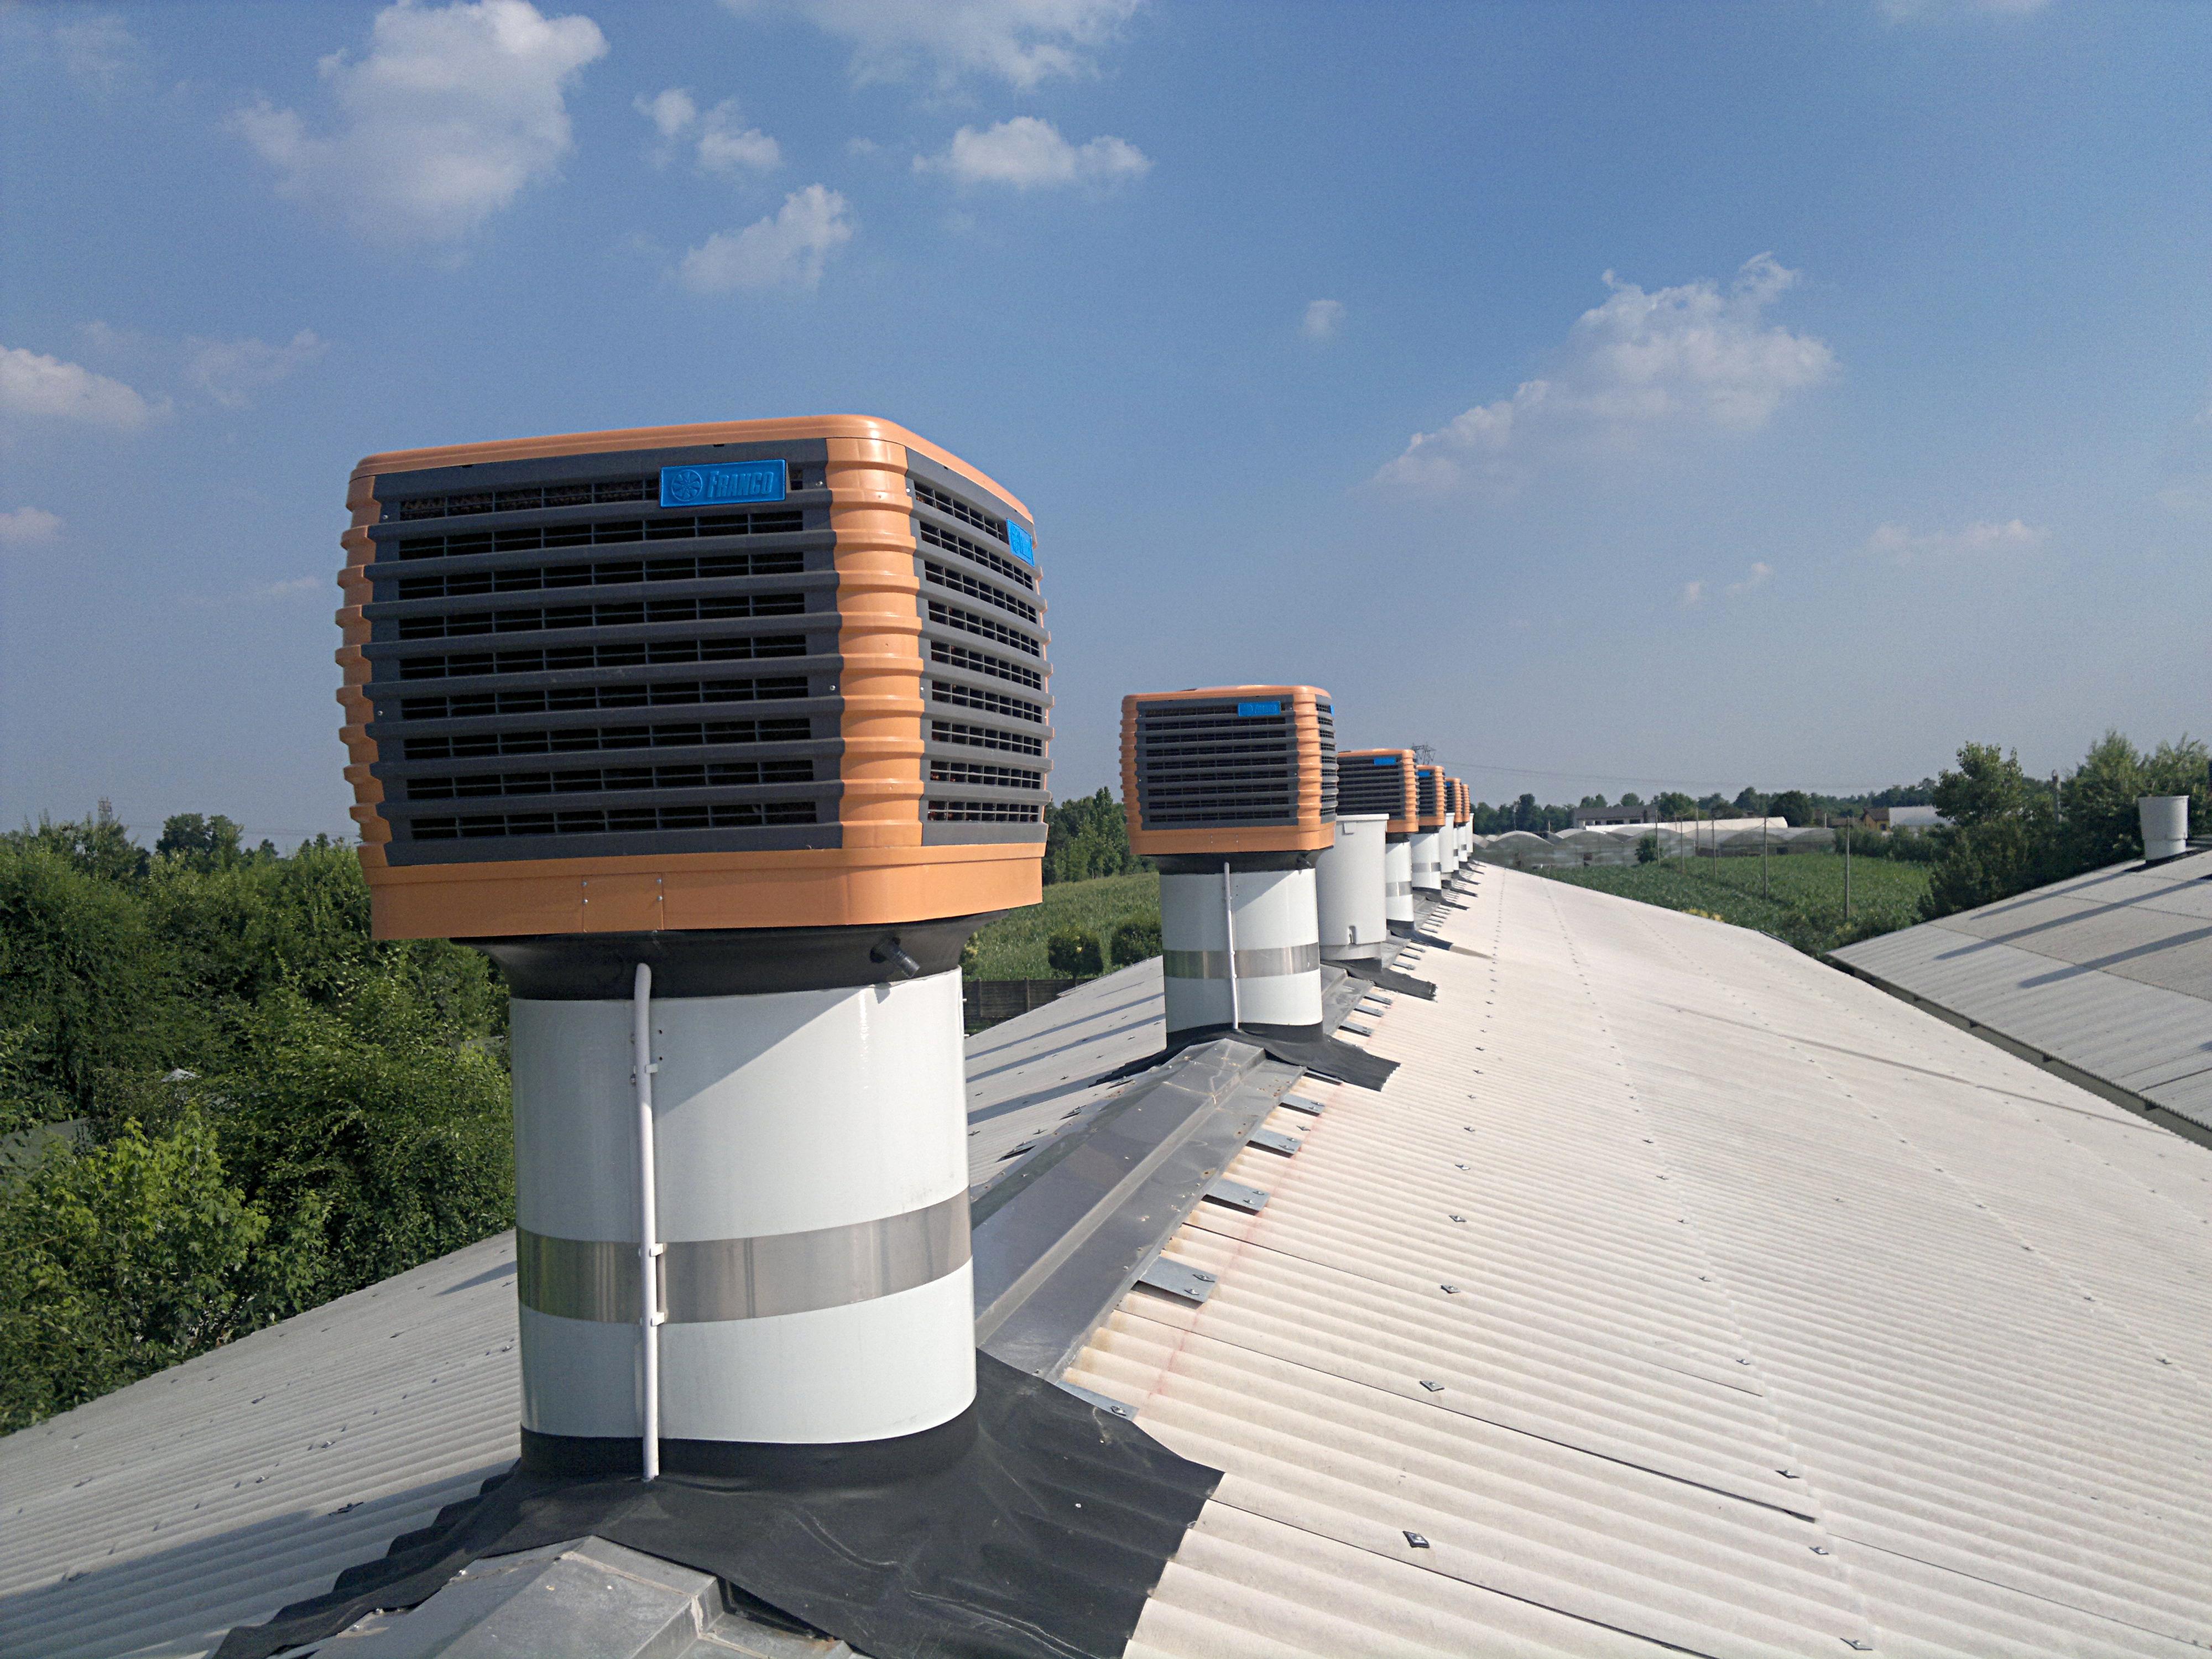 Franco-srl-Umidificazione-Raffrescamento-RoofCooler-pannello